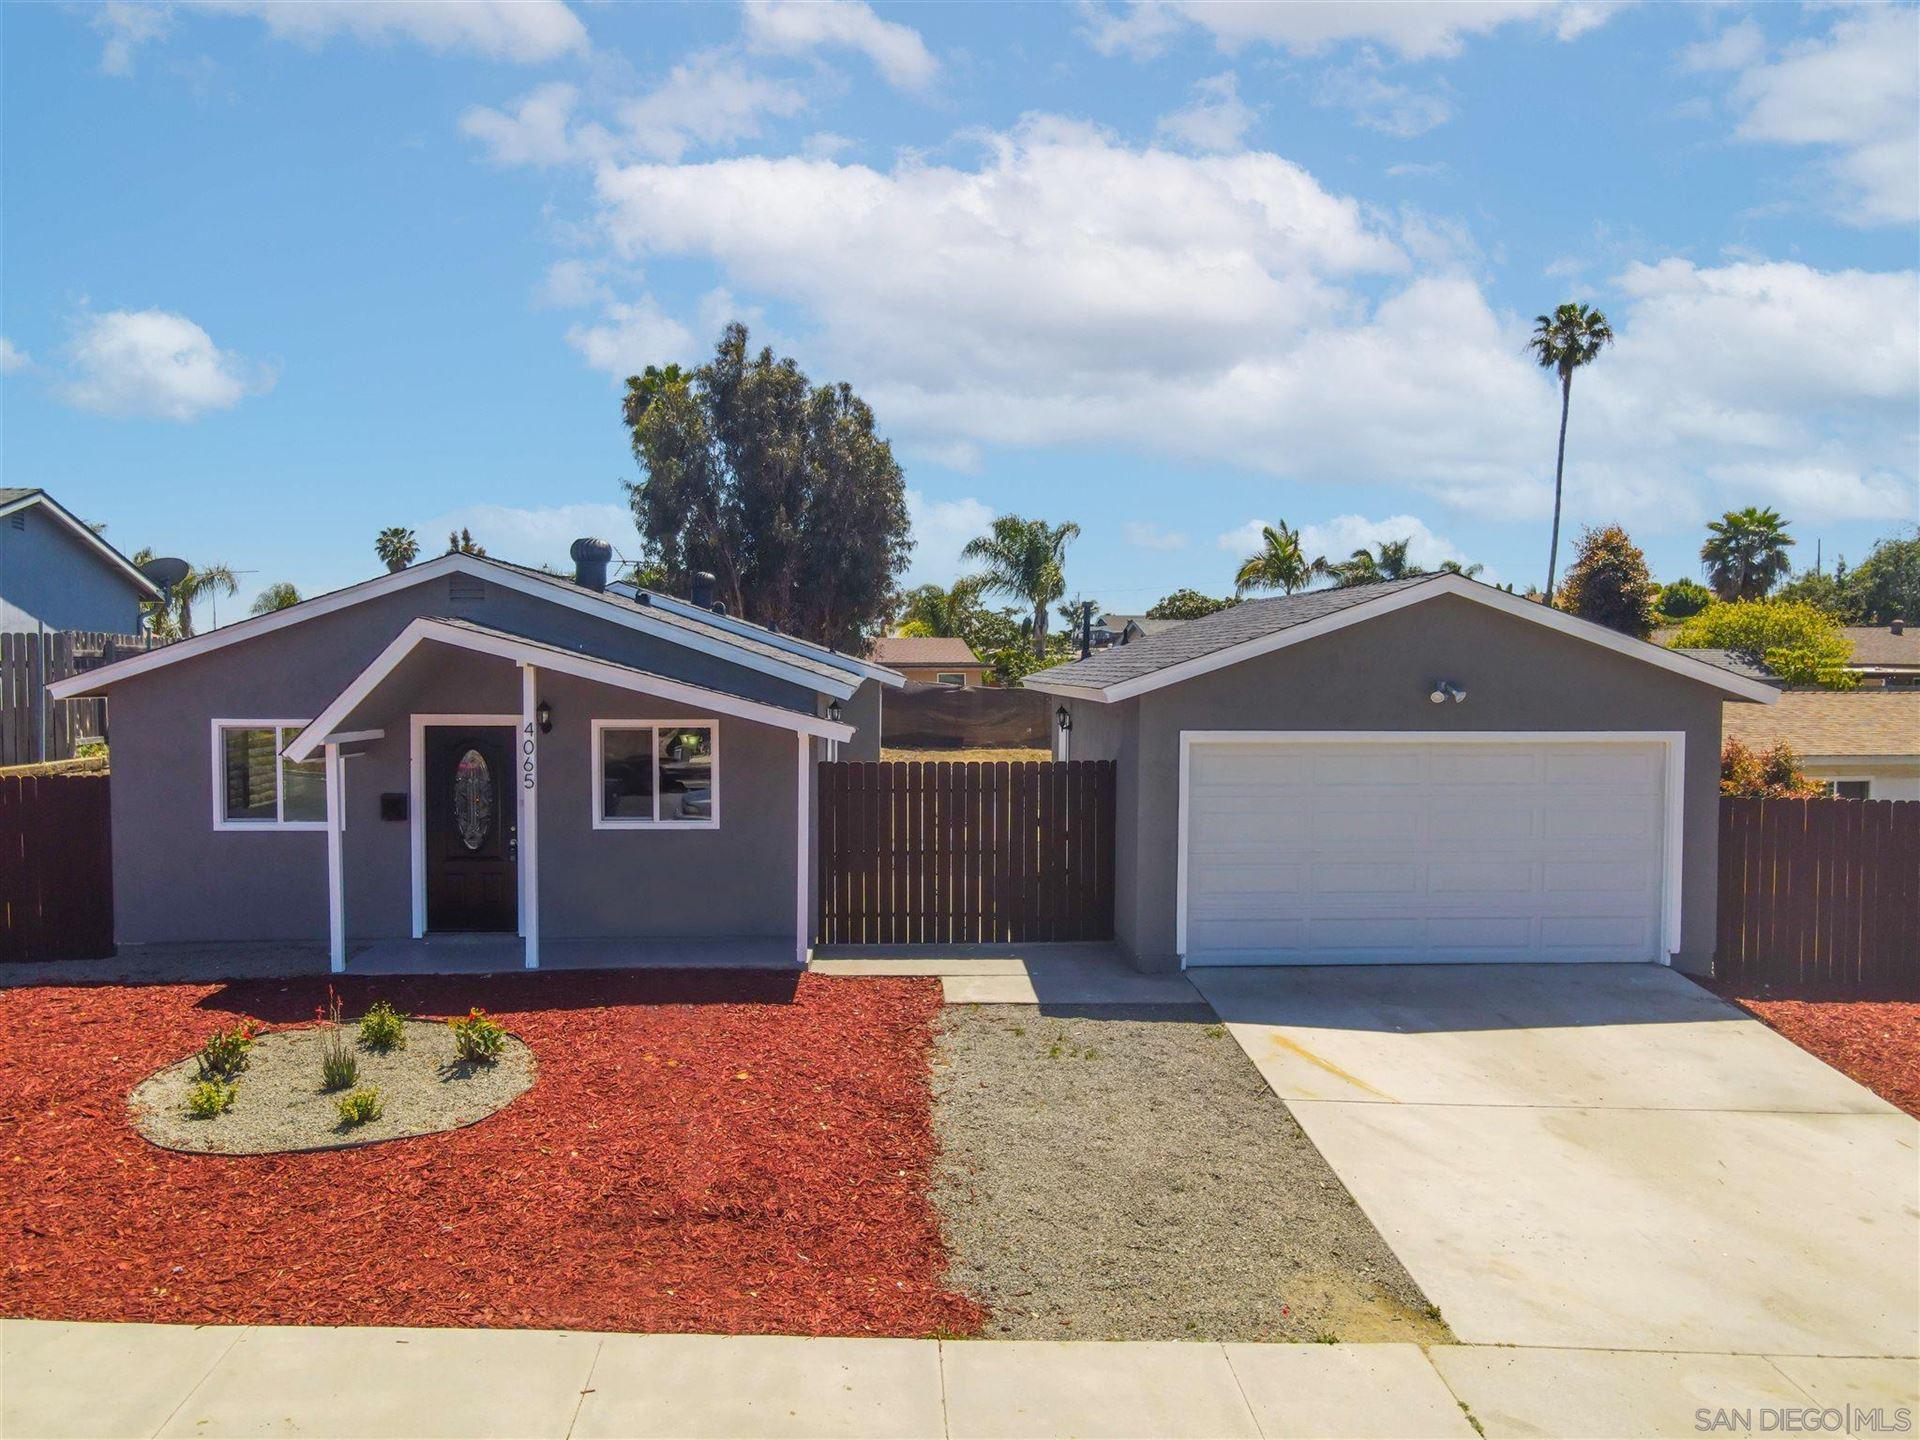 Photo for 4065 Marvin St, Oceanside, CA 92056 (MLS # 210011362)